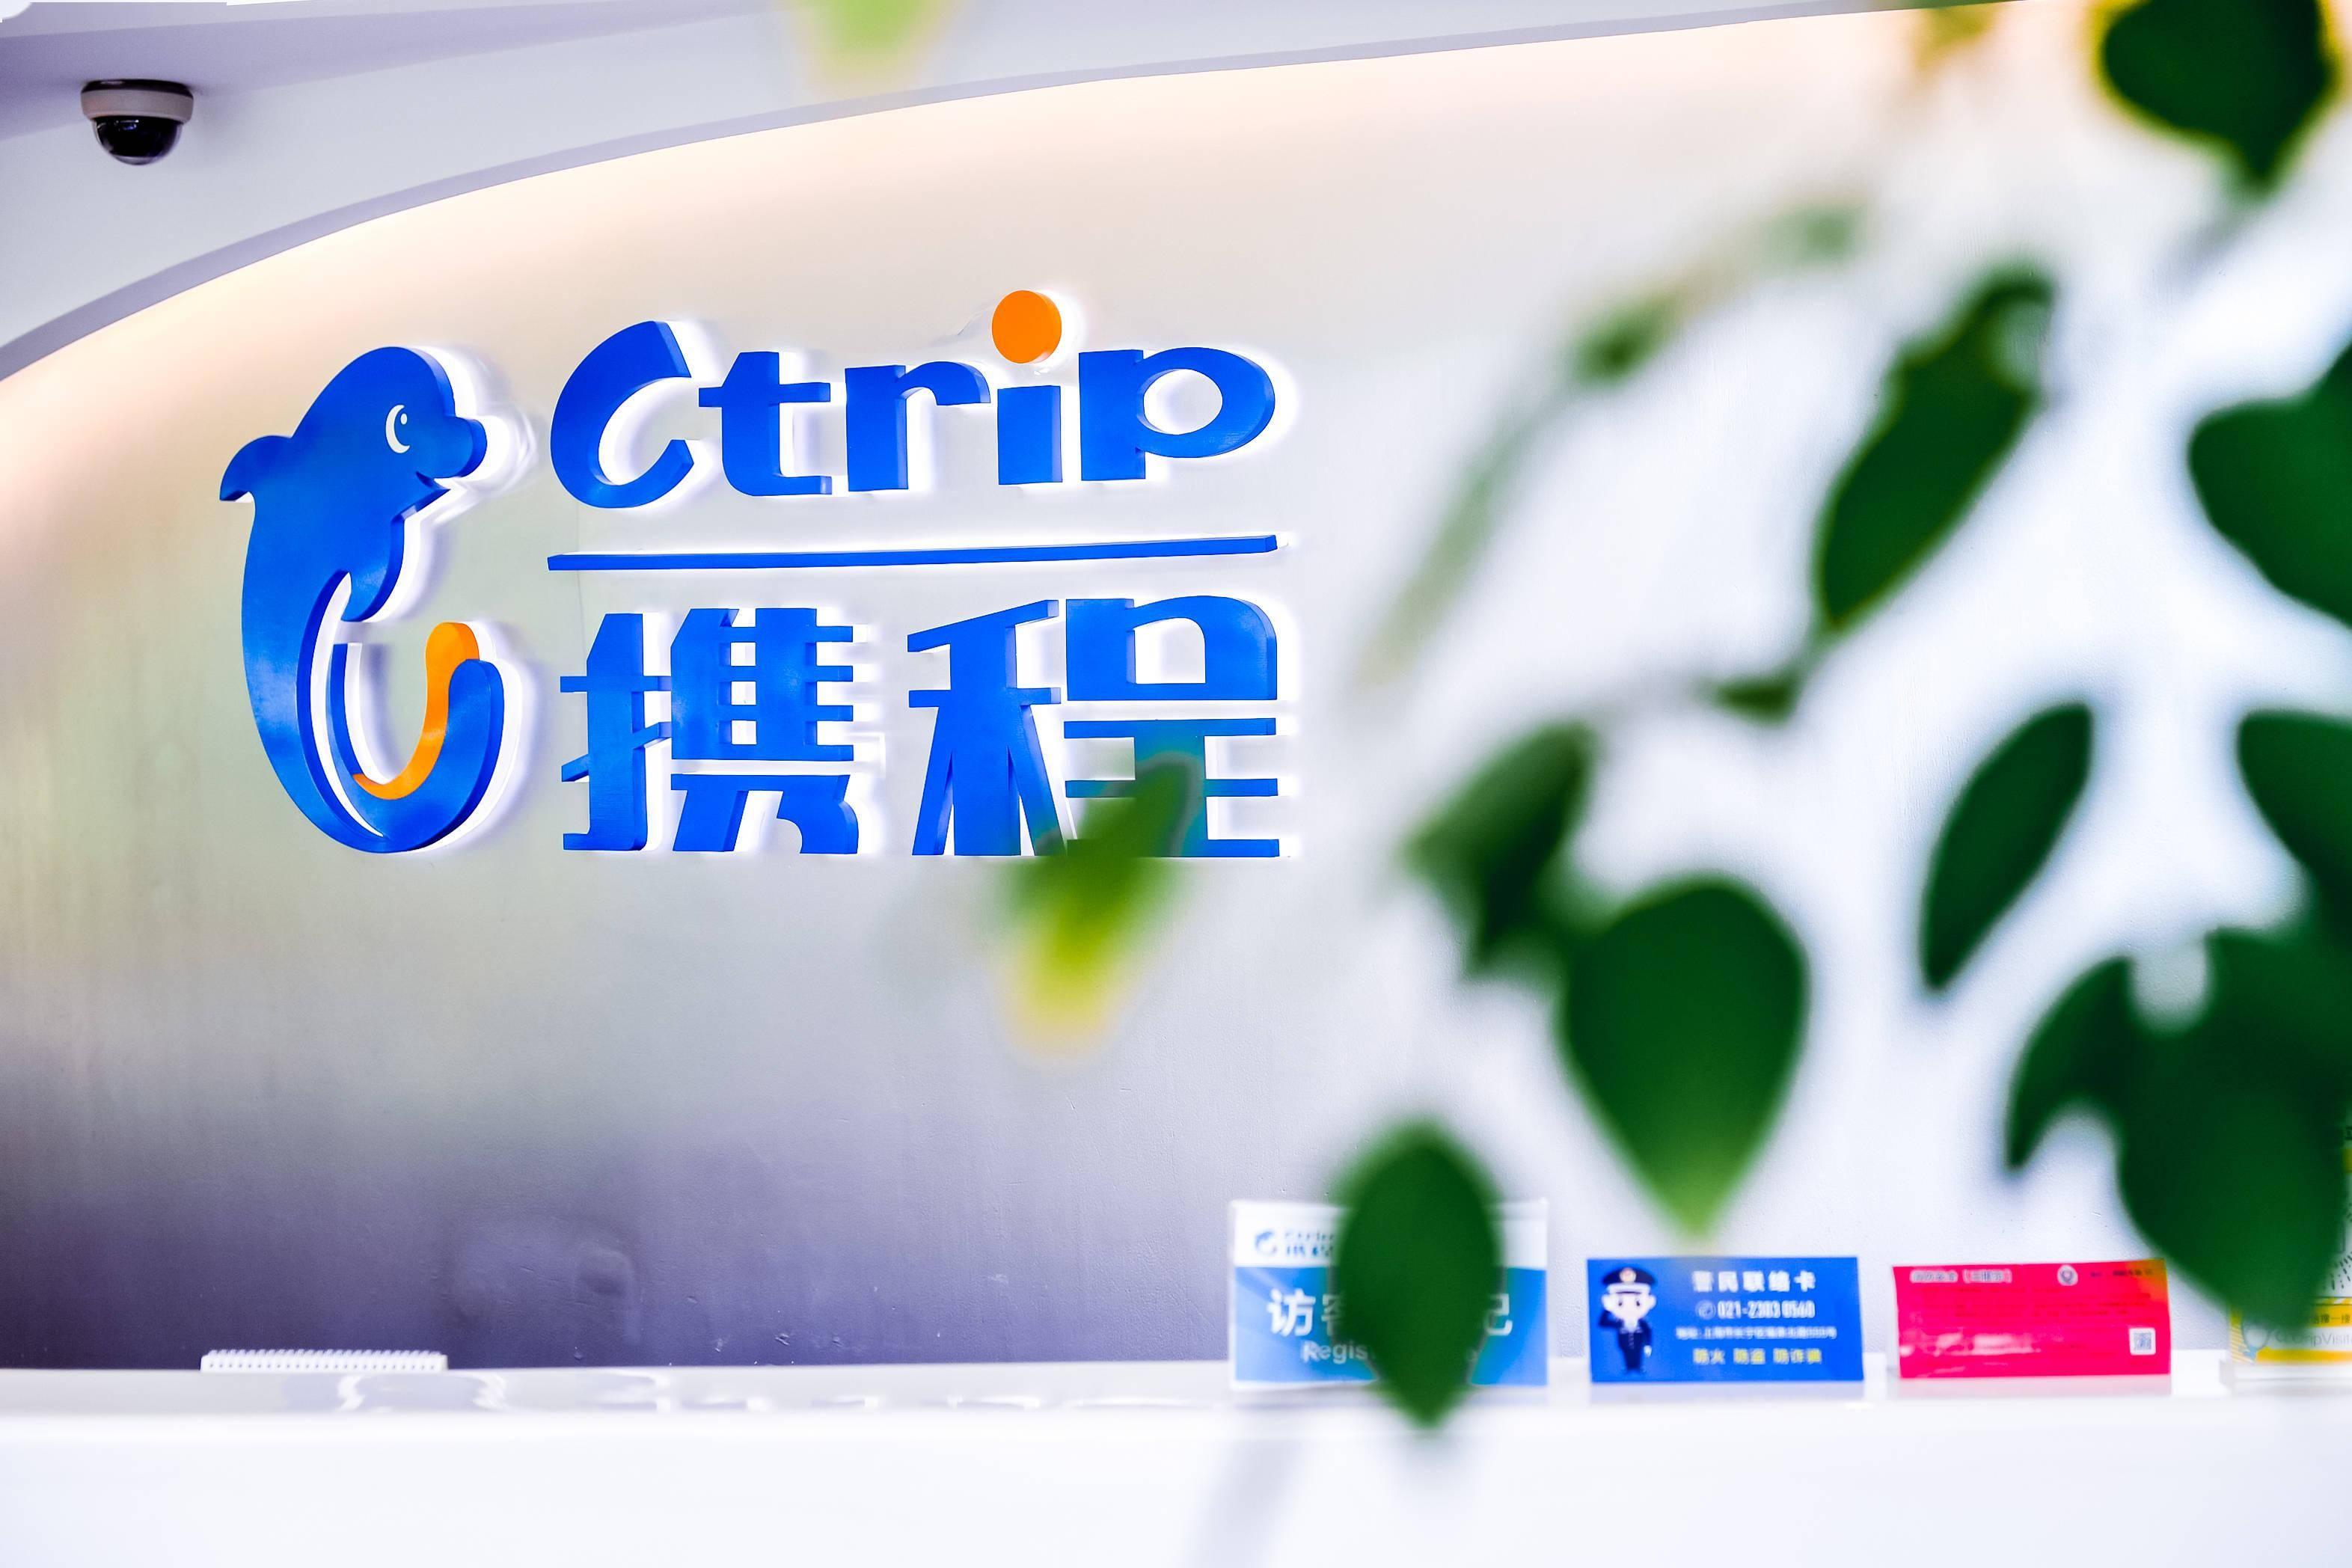 【钛晨报】传携程计划4月份在香港上市;苹果股东大会:批准库克的100万股股权激励;消息称途虎养车计划今年赴美IPO